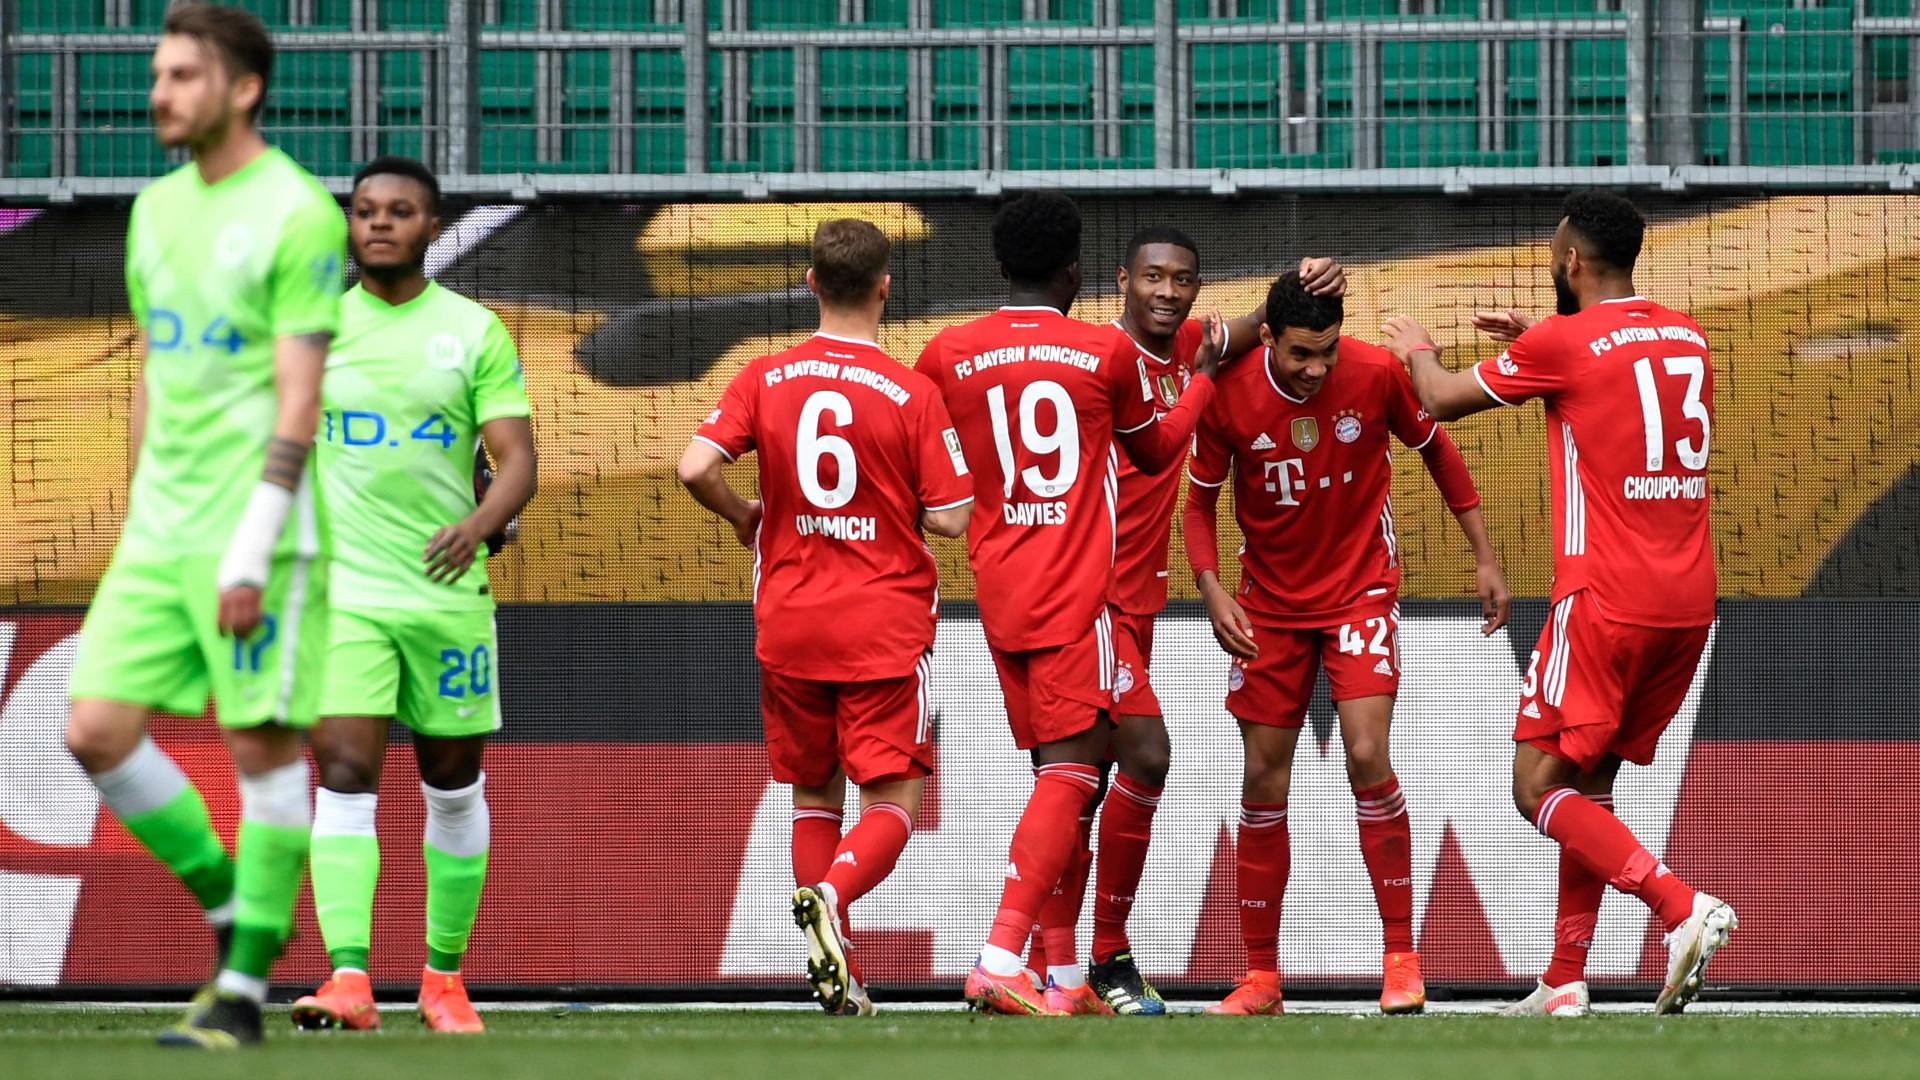 Wolfsburg 2-3 Bayern Munich: Musiala double as champions extend Bundesliga lead